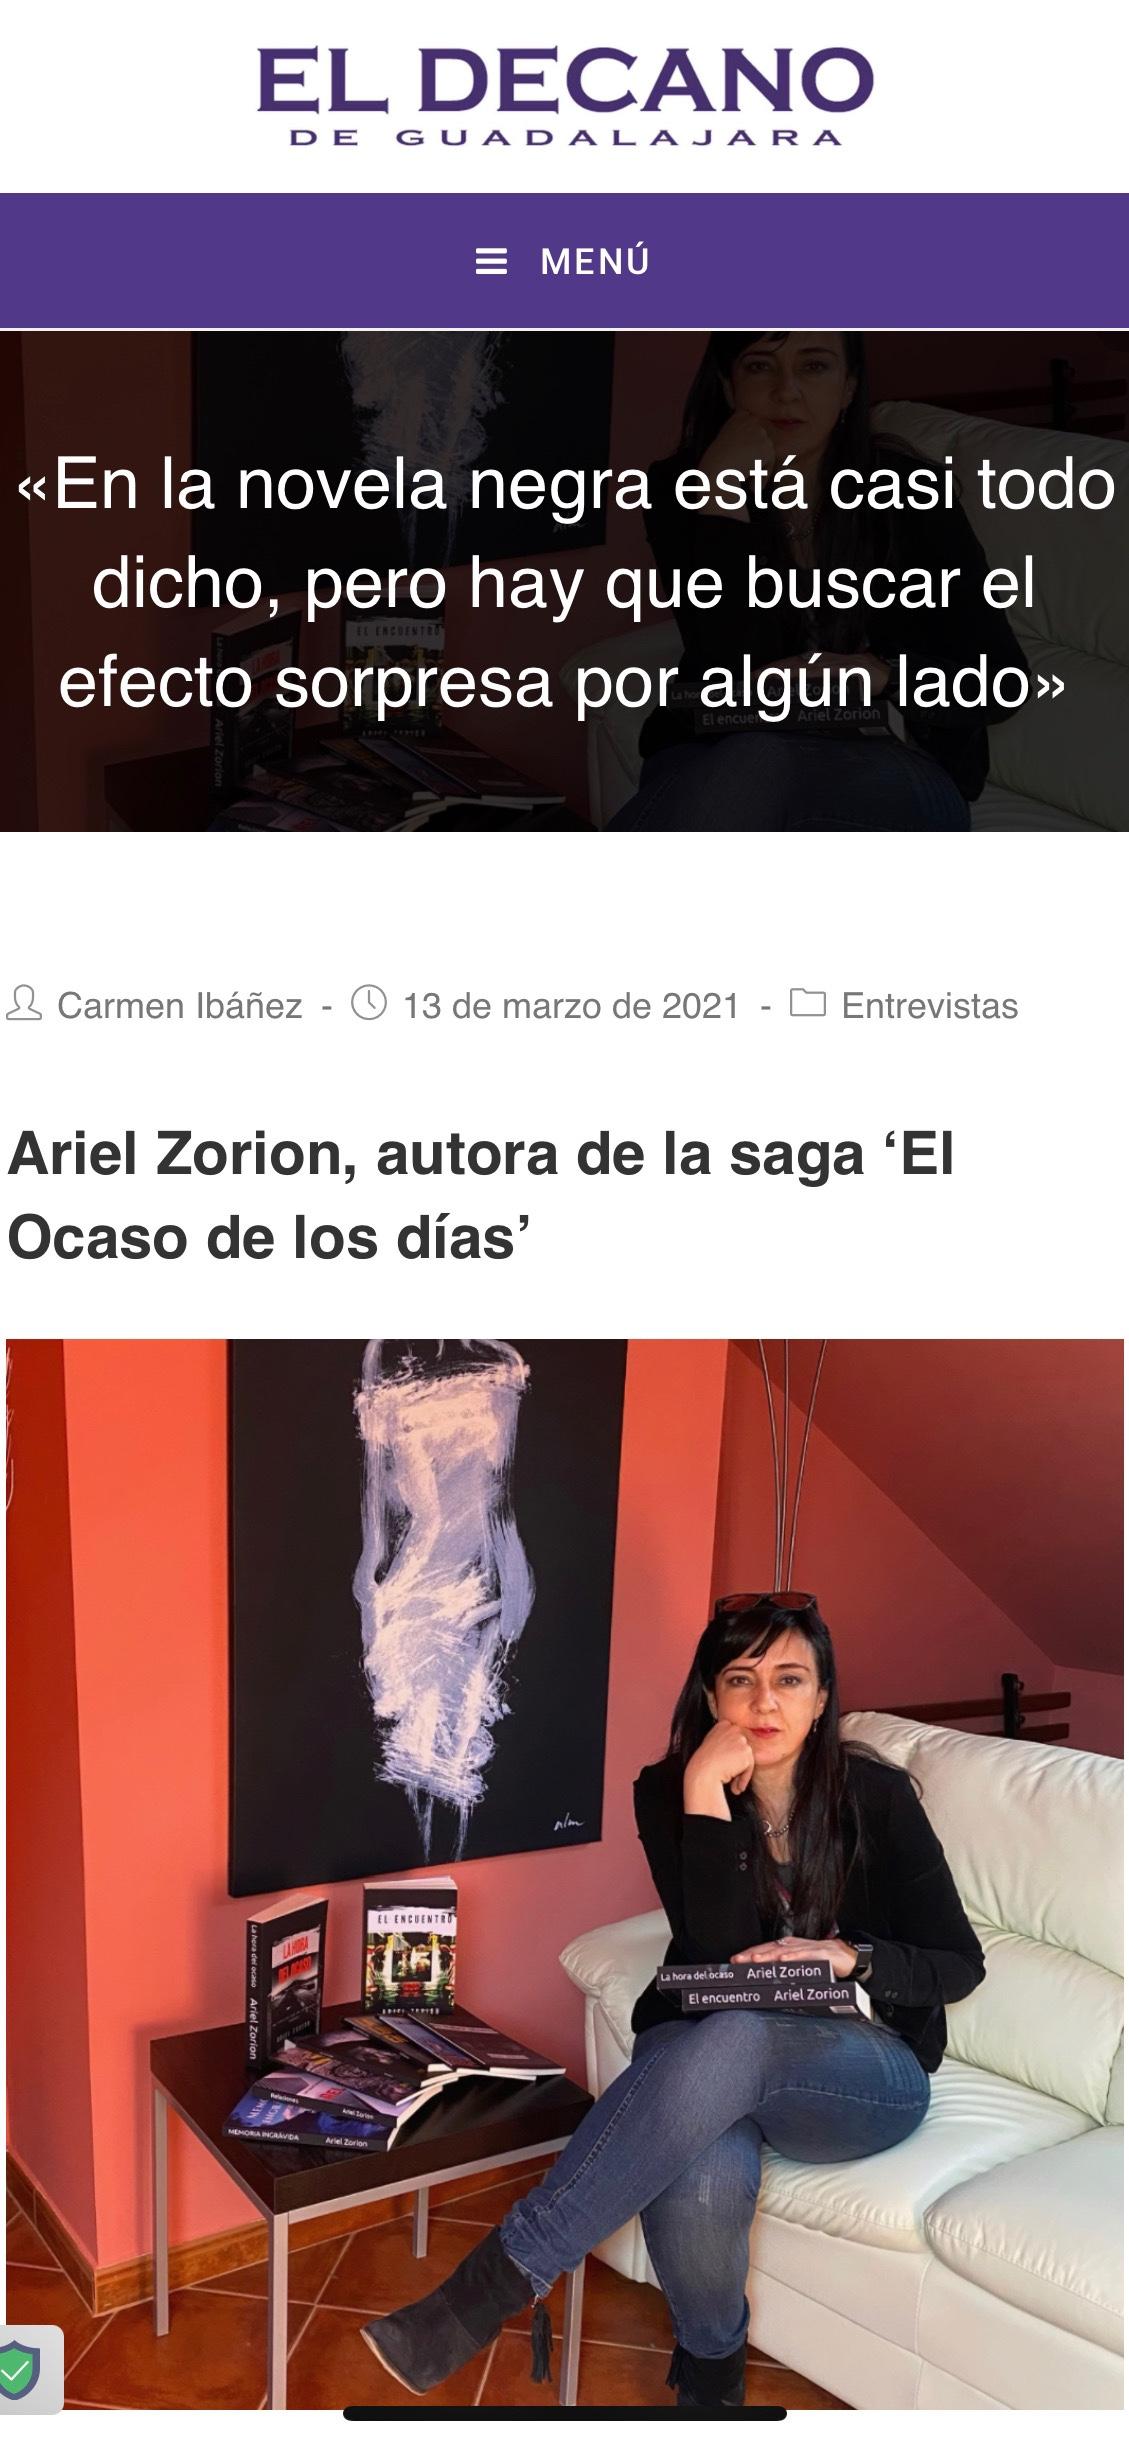 Entrevista en El Decano deGuadalajara